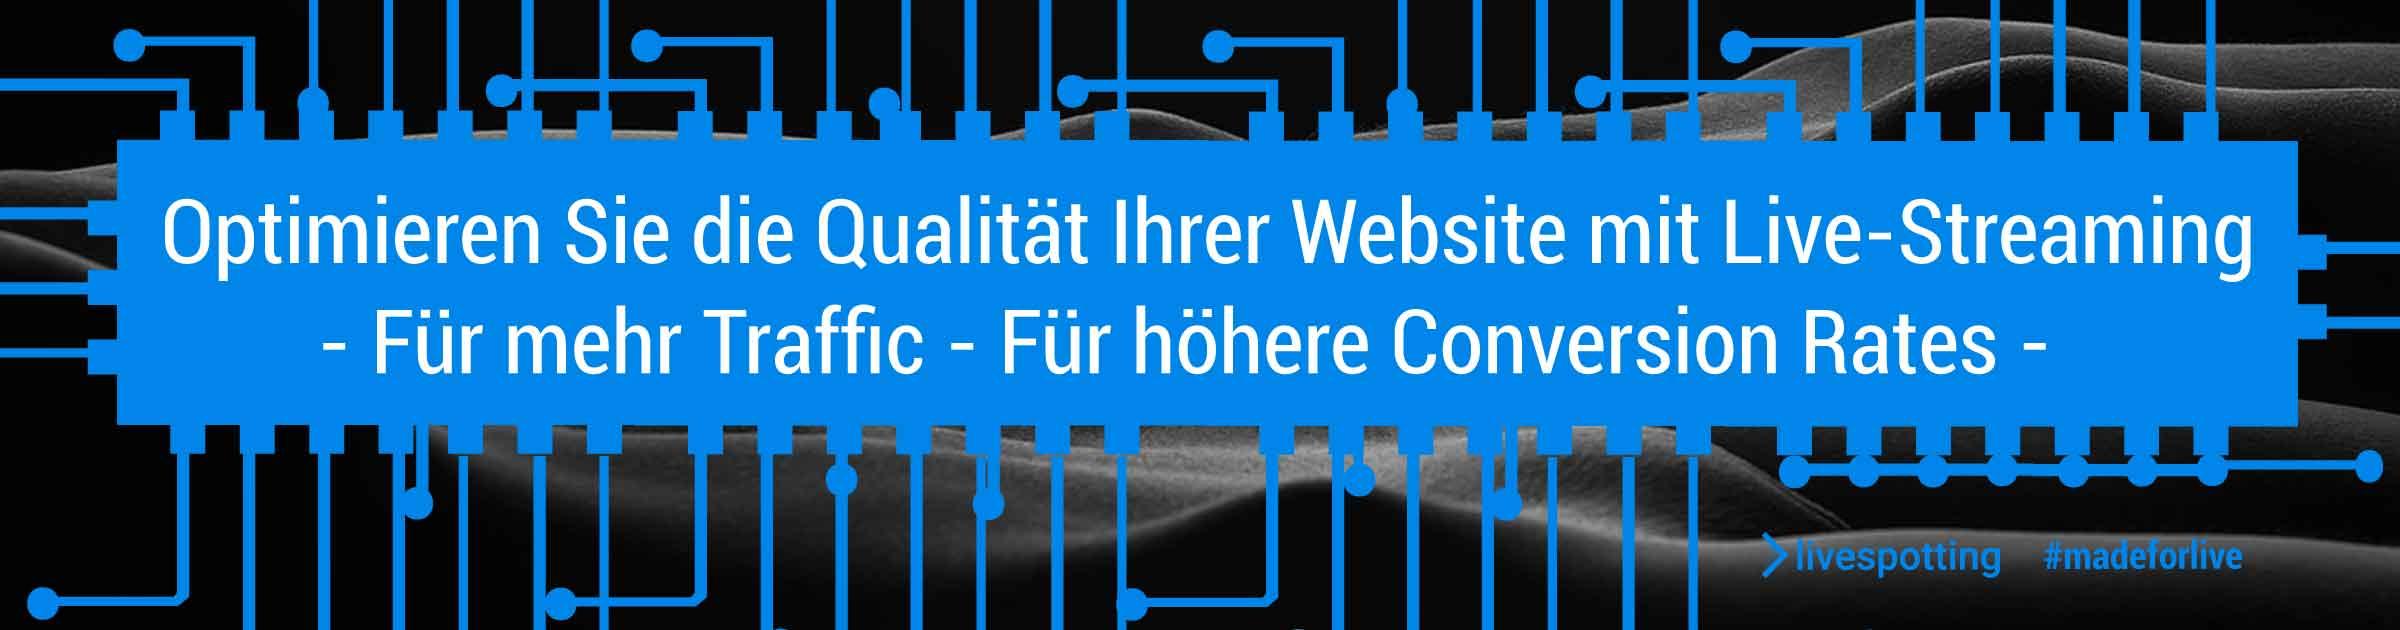 Auf dem Banner mit CPU im Hintergrund steht die Botschaft: Optimieren Sie die Qualität Ihrer Website mit Live-Streaming für mehr Zuschauerverkehr und höhere Conversions Raten sprich mehr Umsatz.